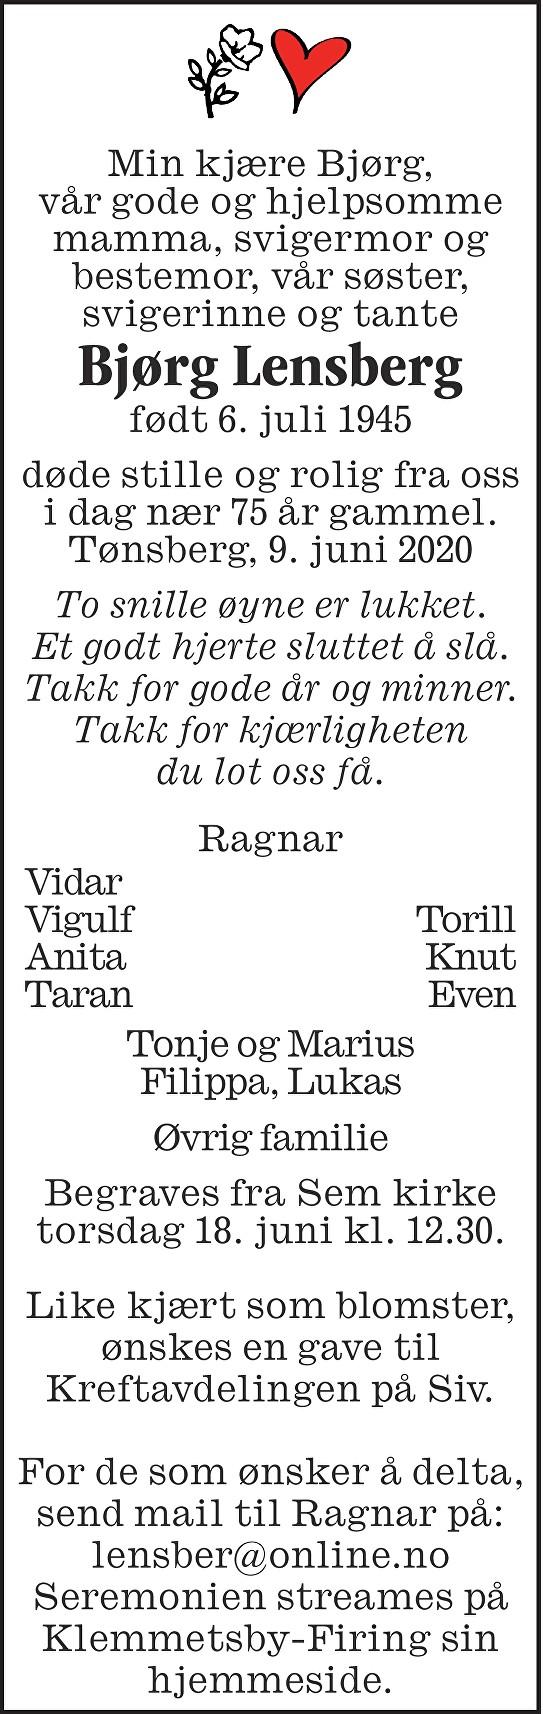 Bjørg Lensberg Dødsannonse